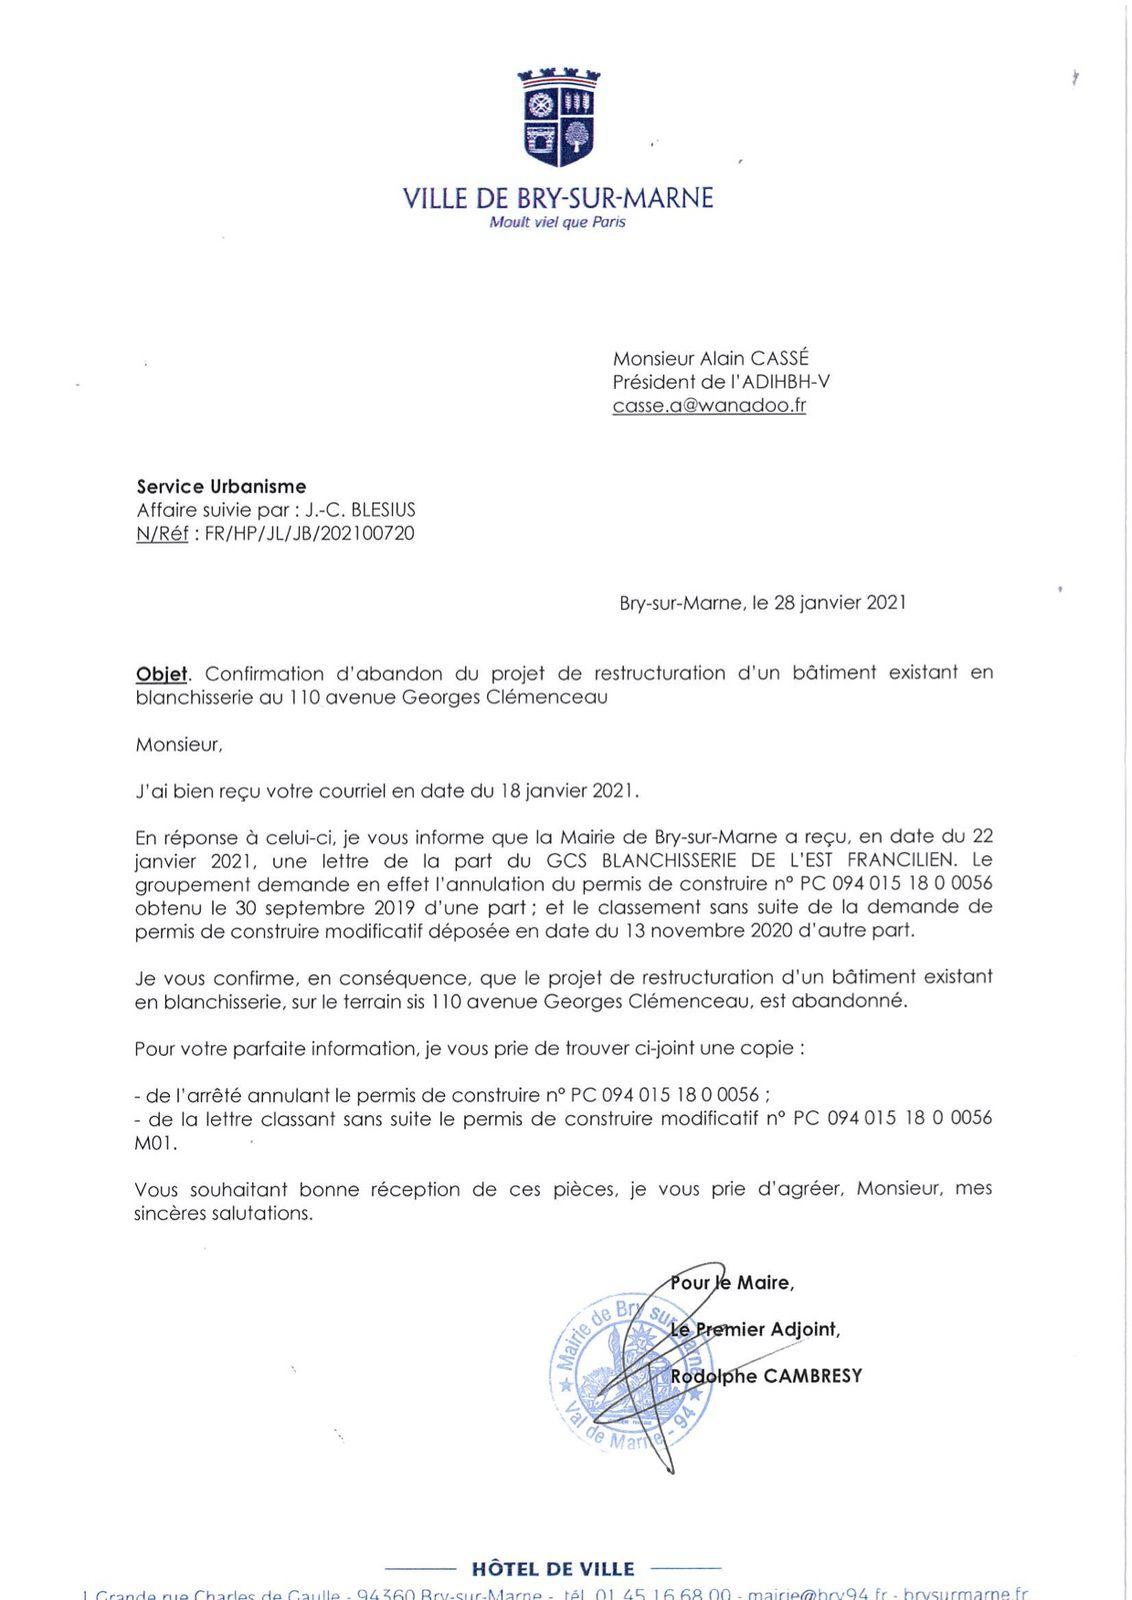 Blanchisserie GCS. La Mairie de Bry sur Marne informe l'ADIHBH-V